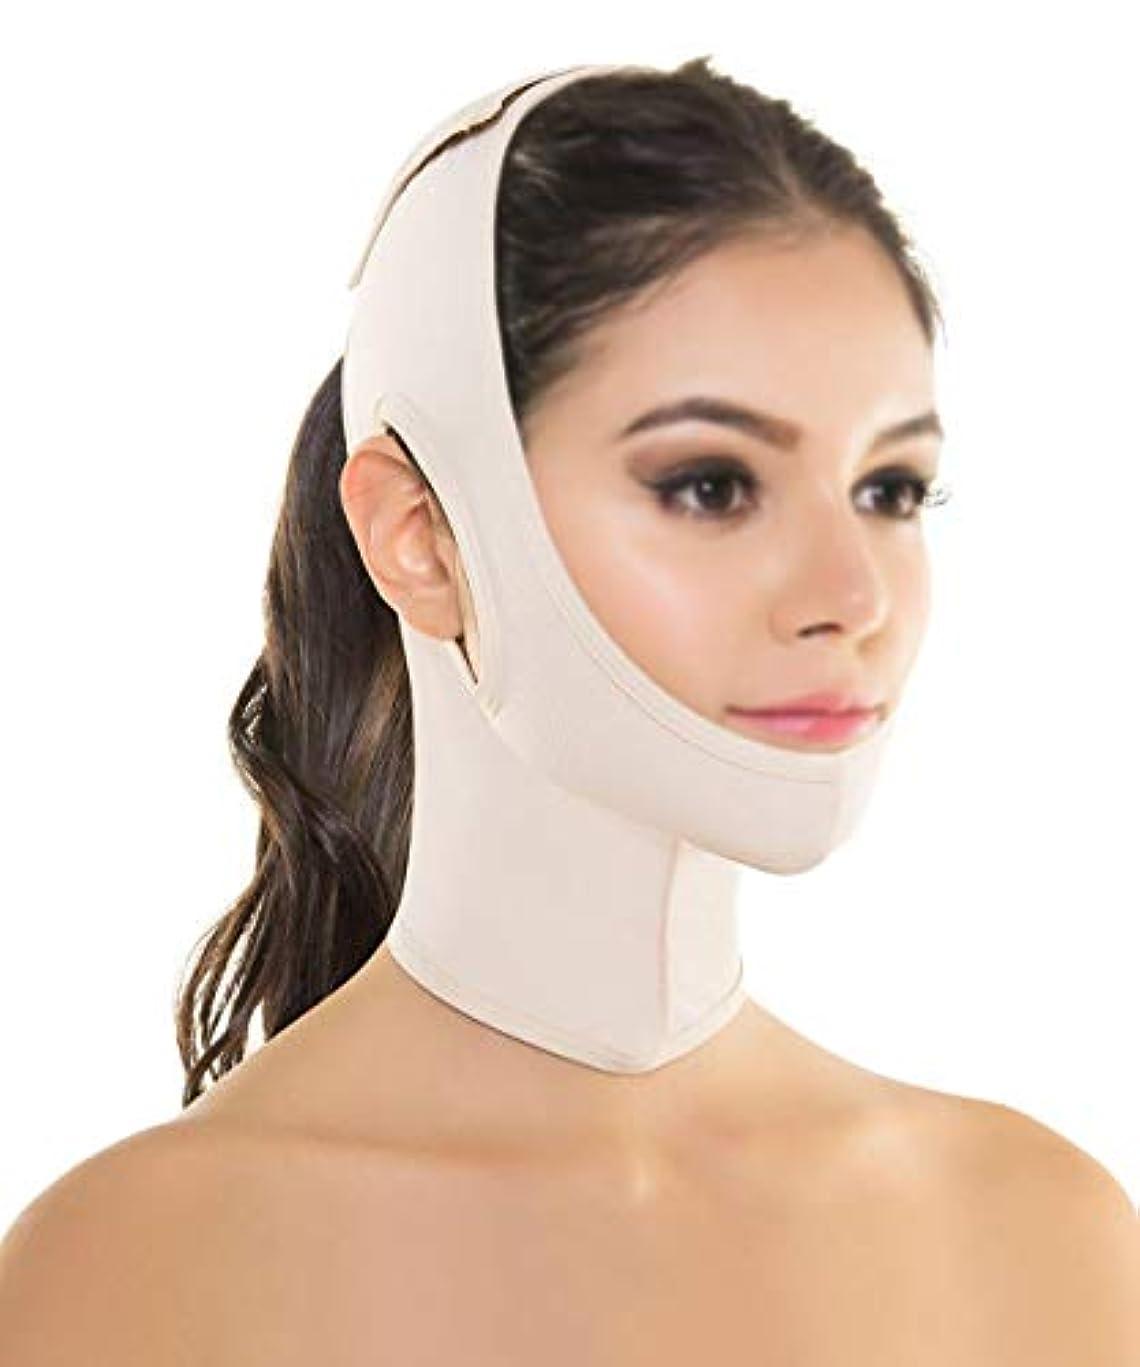 枕姿を消す排他的フェイスリフトマスク、シリコーンVフェイスマスクリフティングフェイスマスクフェイスリフティングアーティファクトリフティングダブルあご術後包帯顔と首リフト (Color : Skin tone)